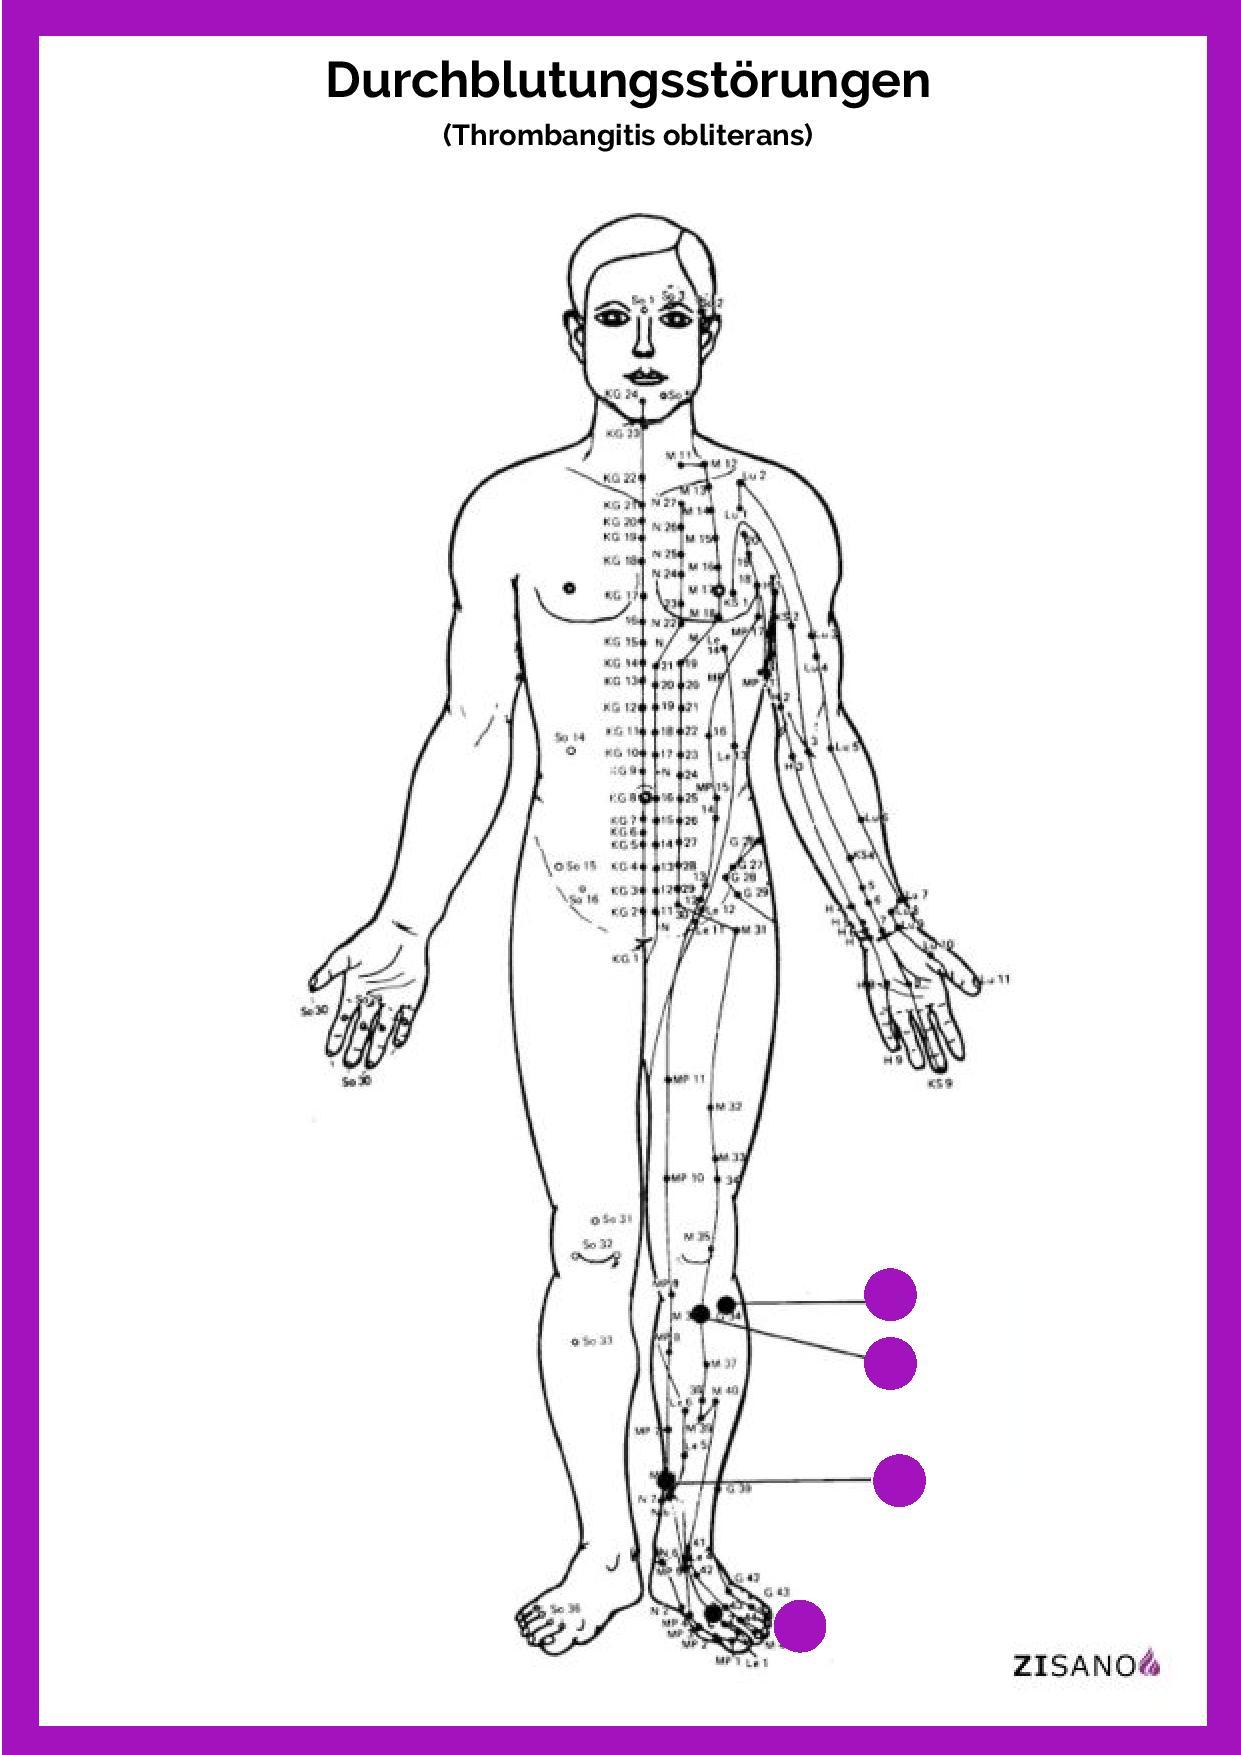 Meridiane - Durchblutungsstörungen  - Behandlung